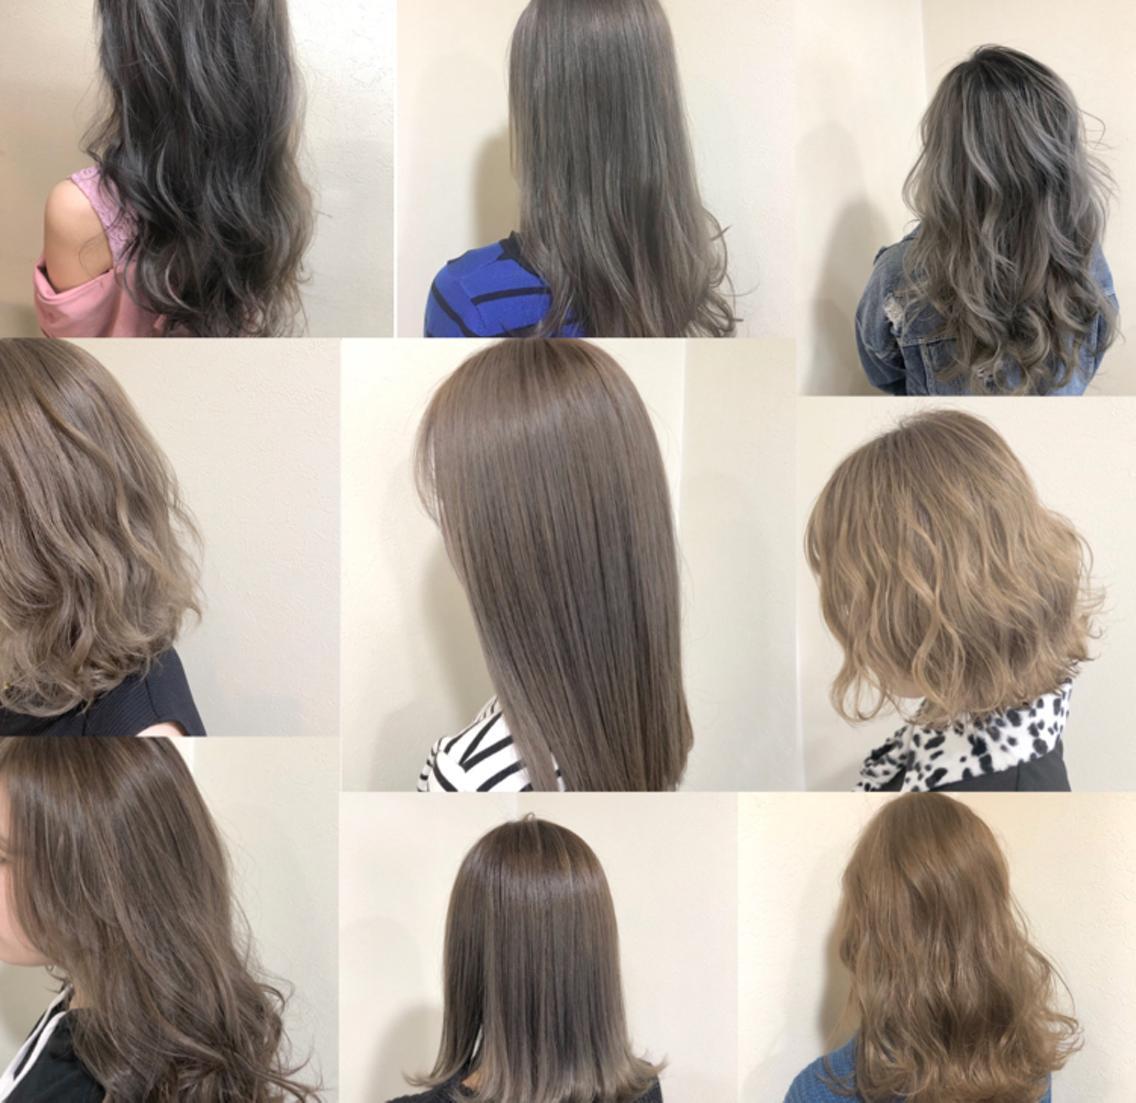 《当日予約可能》品のあるスタイルが得意です😊✨エクステ、モテ髪ならお任せ下さい✨ワンランク上のヘアスタイルを提供させていただきます😊